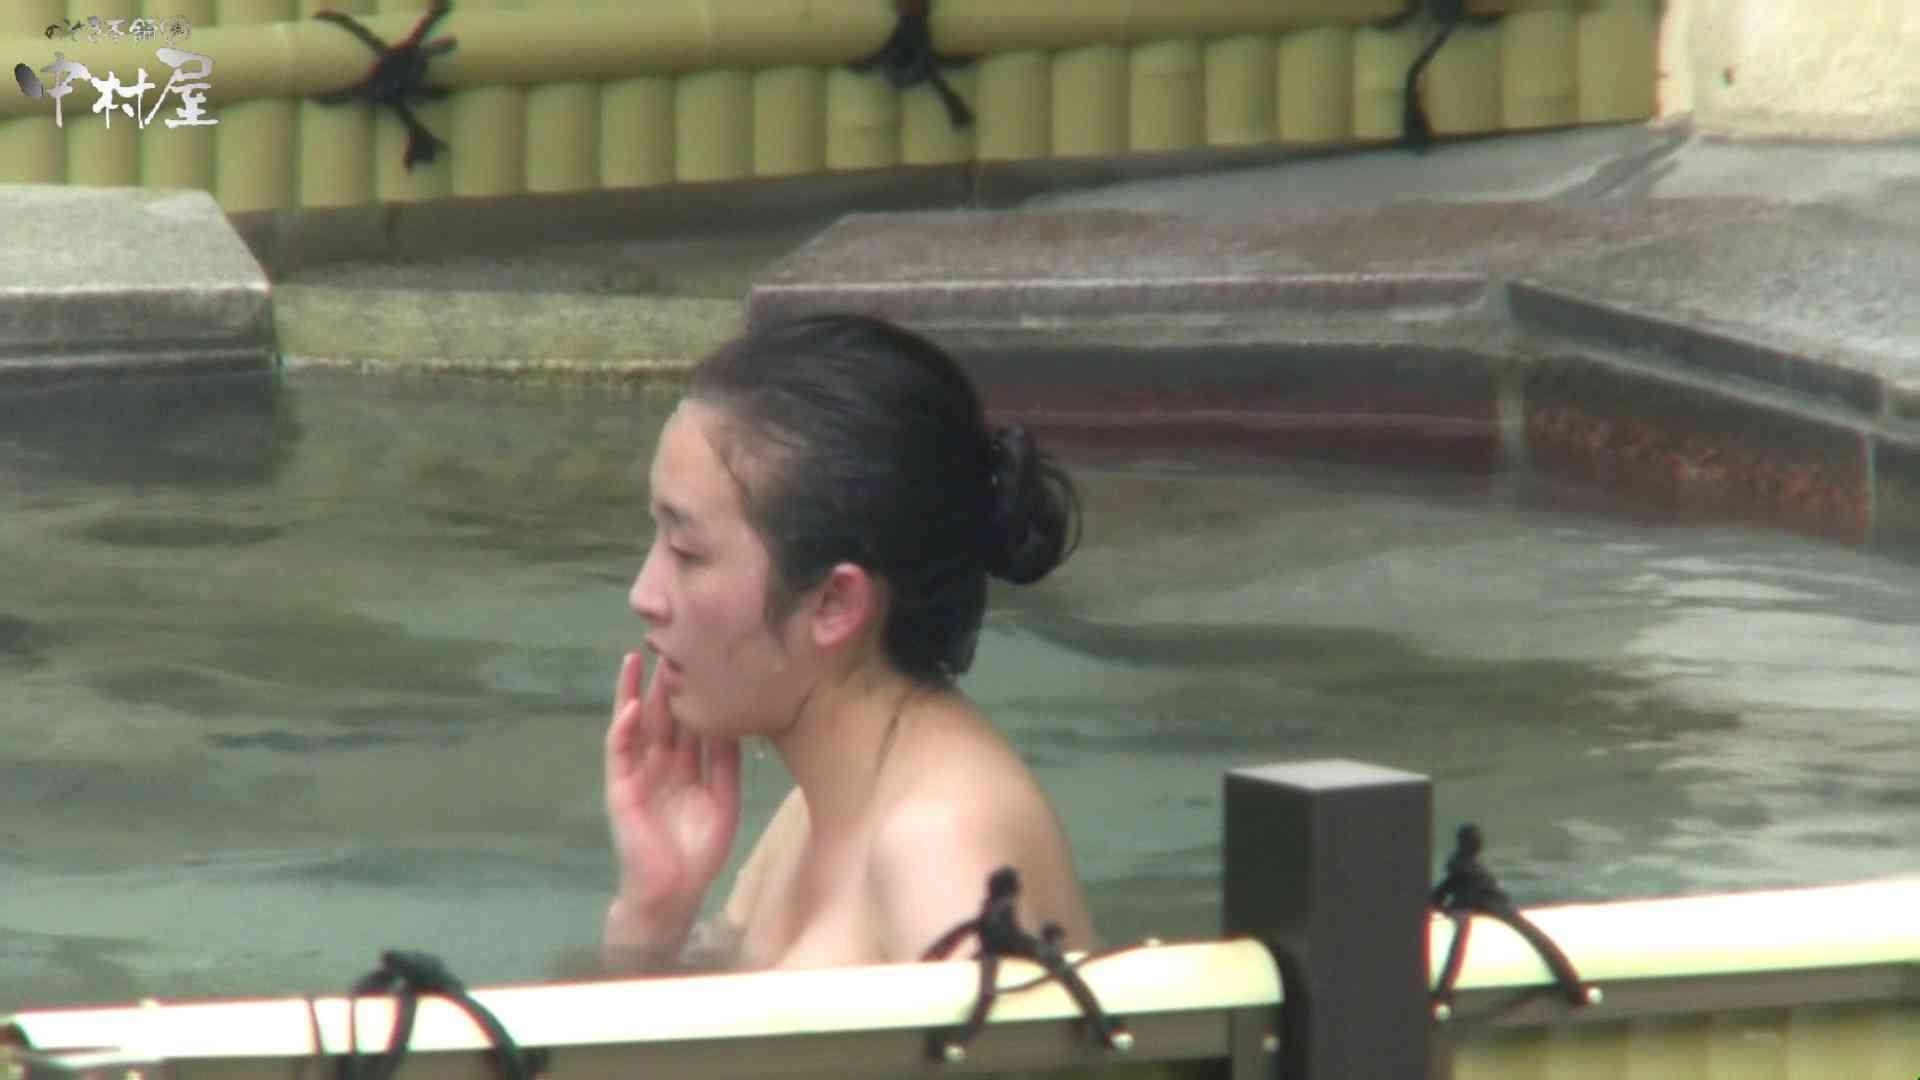 Aquaな露天風呂Vol.949 OL女体 | 女体盗撮  83連発 37